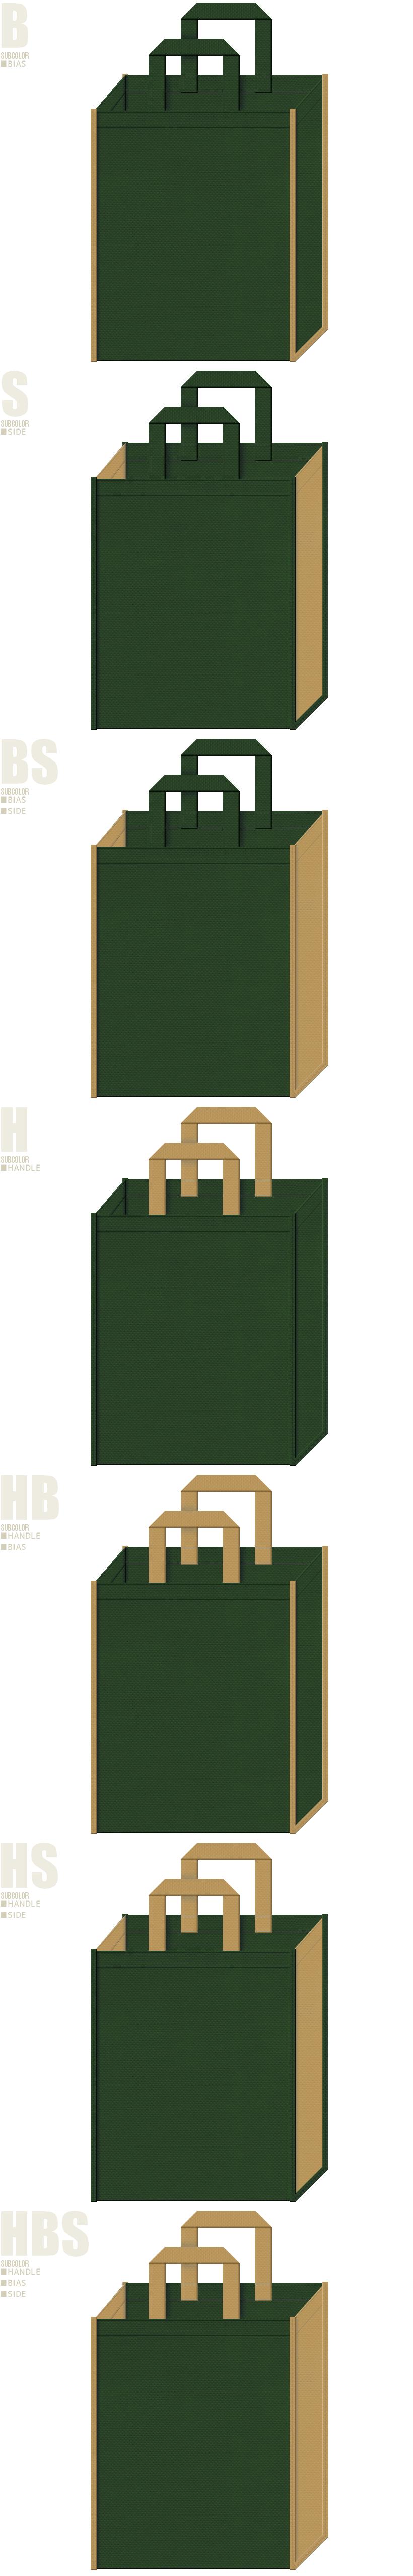 動物園・テーマパーク・探検・ジャングル・恐竜・サバンナ・サファリ・アニマル・迷彩色・DIY・テント・タープ・チェア・登山・アウトドア・キャンプ用品の展示会用バッグにお奨めの不織布バッグデザイン:濃緑色と金黄土色の配色7パターン